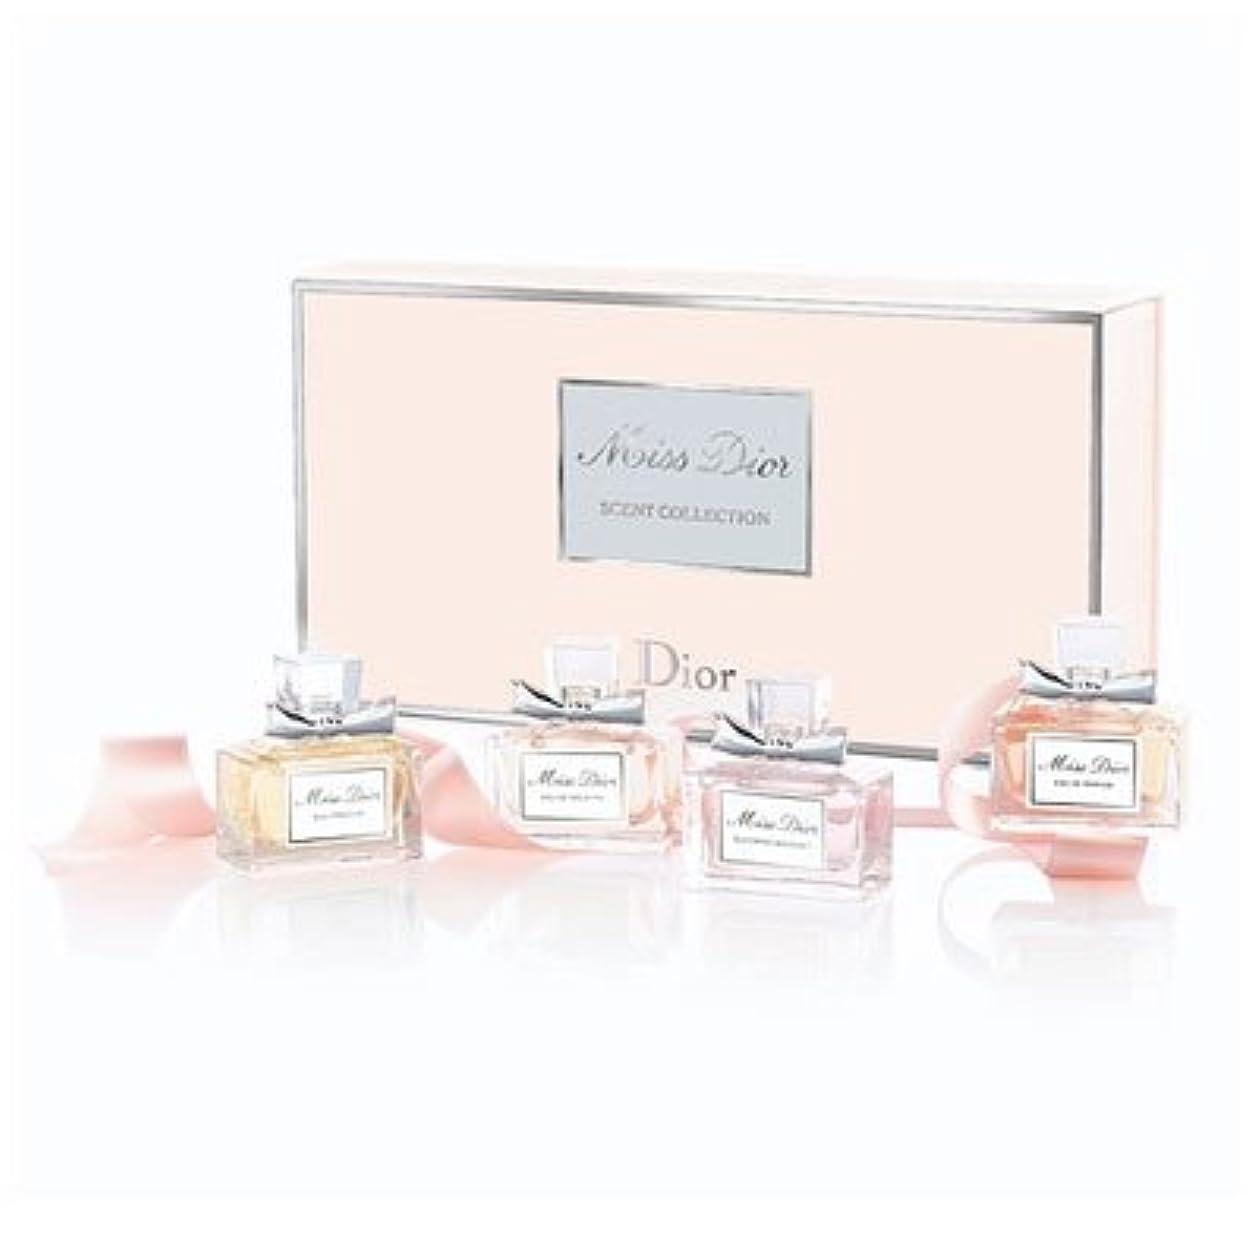 テーマ検出可能テーブルChristian Dior クリスチャン ディオール ミス ディオール セント コレクション 5ml x 4 [並行輸入品]